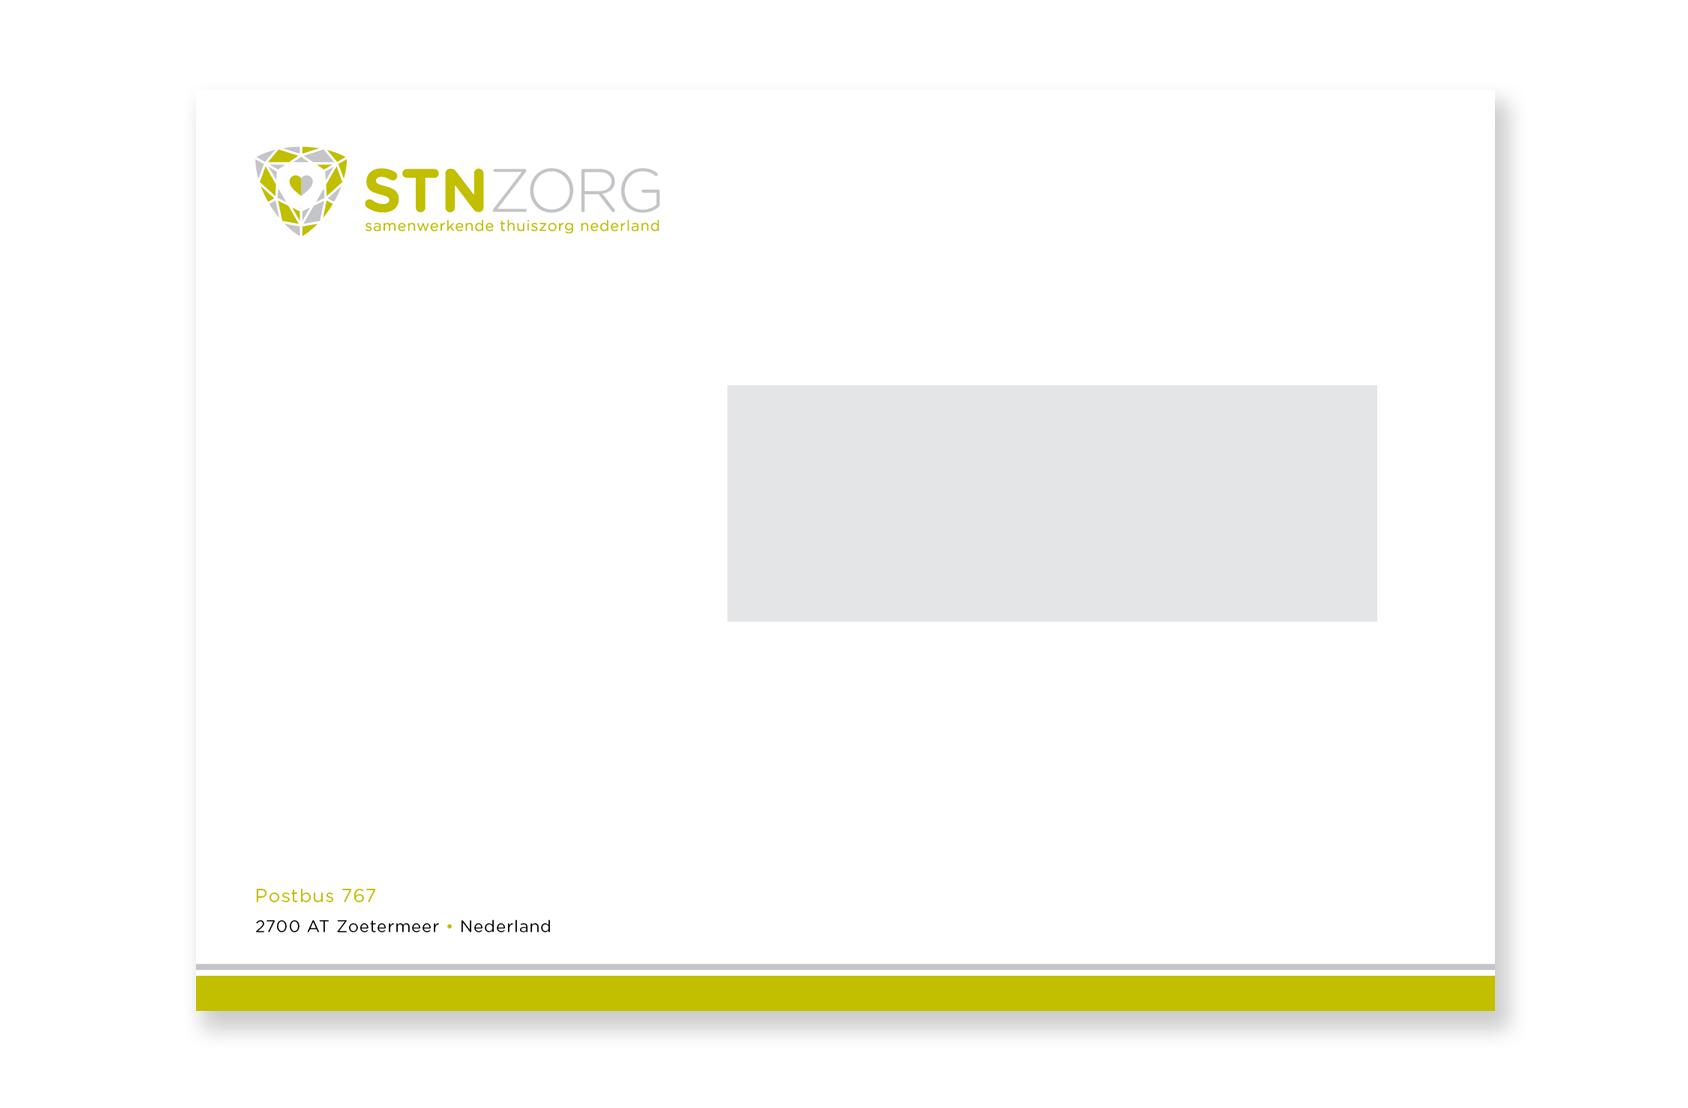 Envelop EA5_STN-Thuiszorg